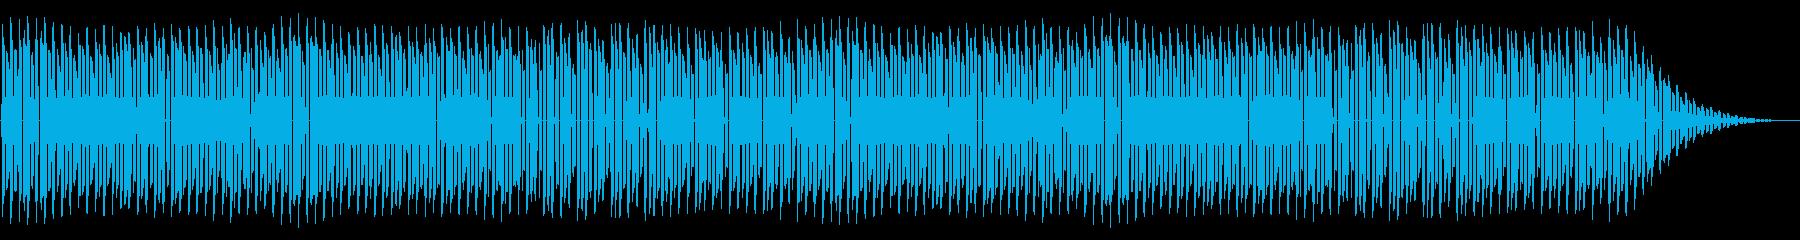 NES 和風 A04-1(ステージ3) の再生済みの波形